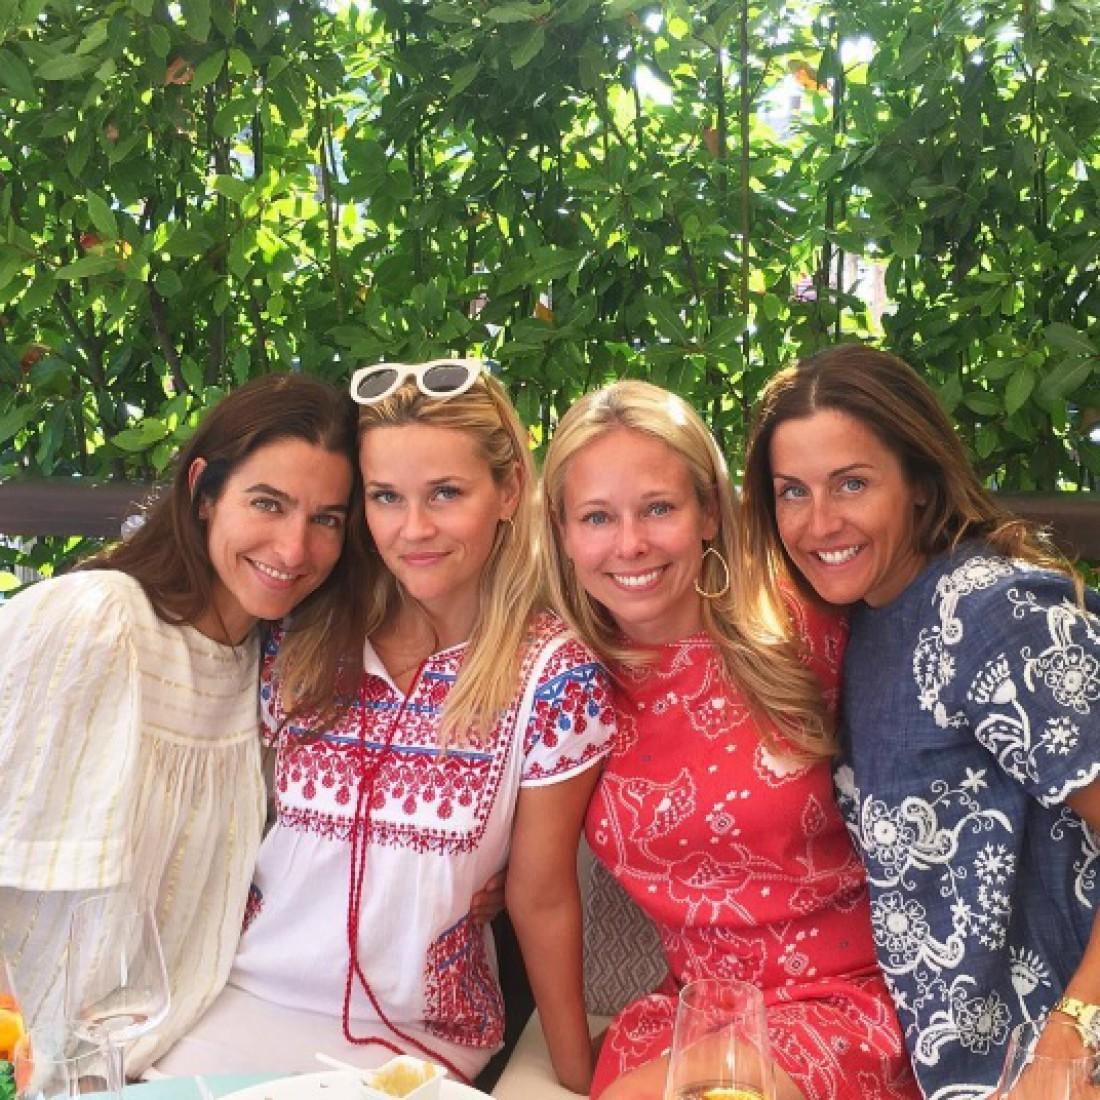 Риз Уизерспун и ее подруги в вышиванках